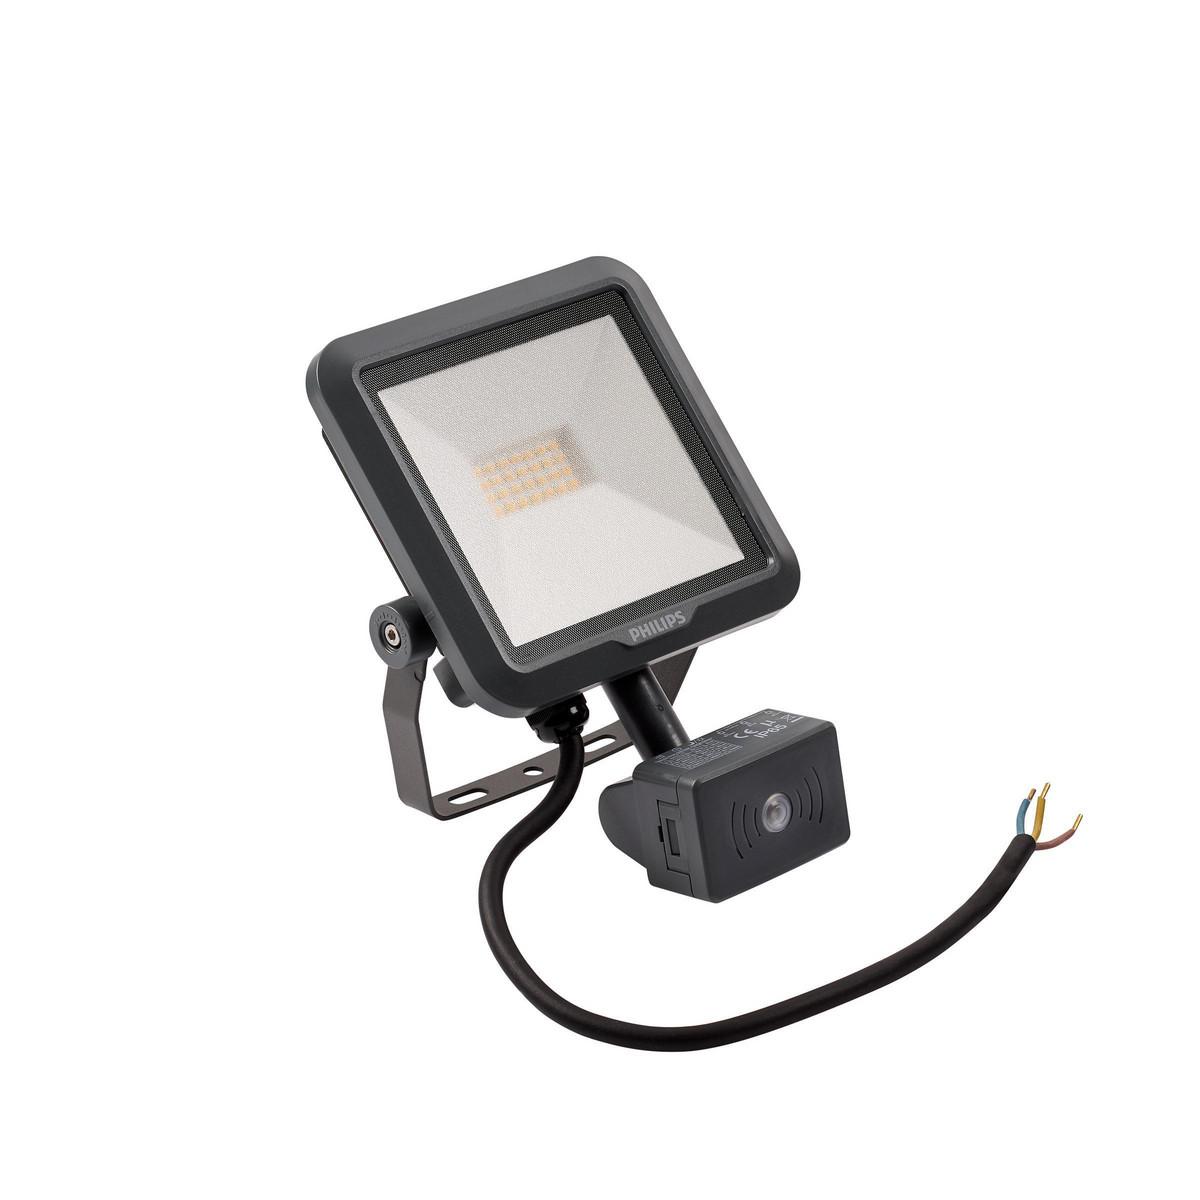 Philips Ledinaire Projektør Mini BVP105 LED 900lm/840Bredstrålende med PIR-sensor